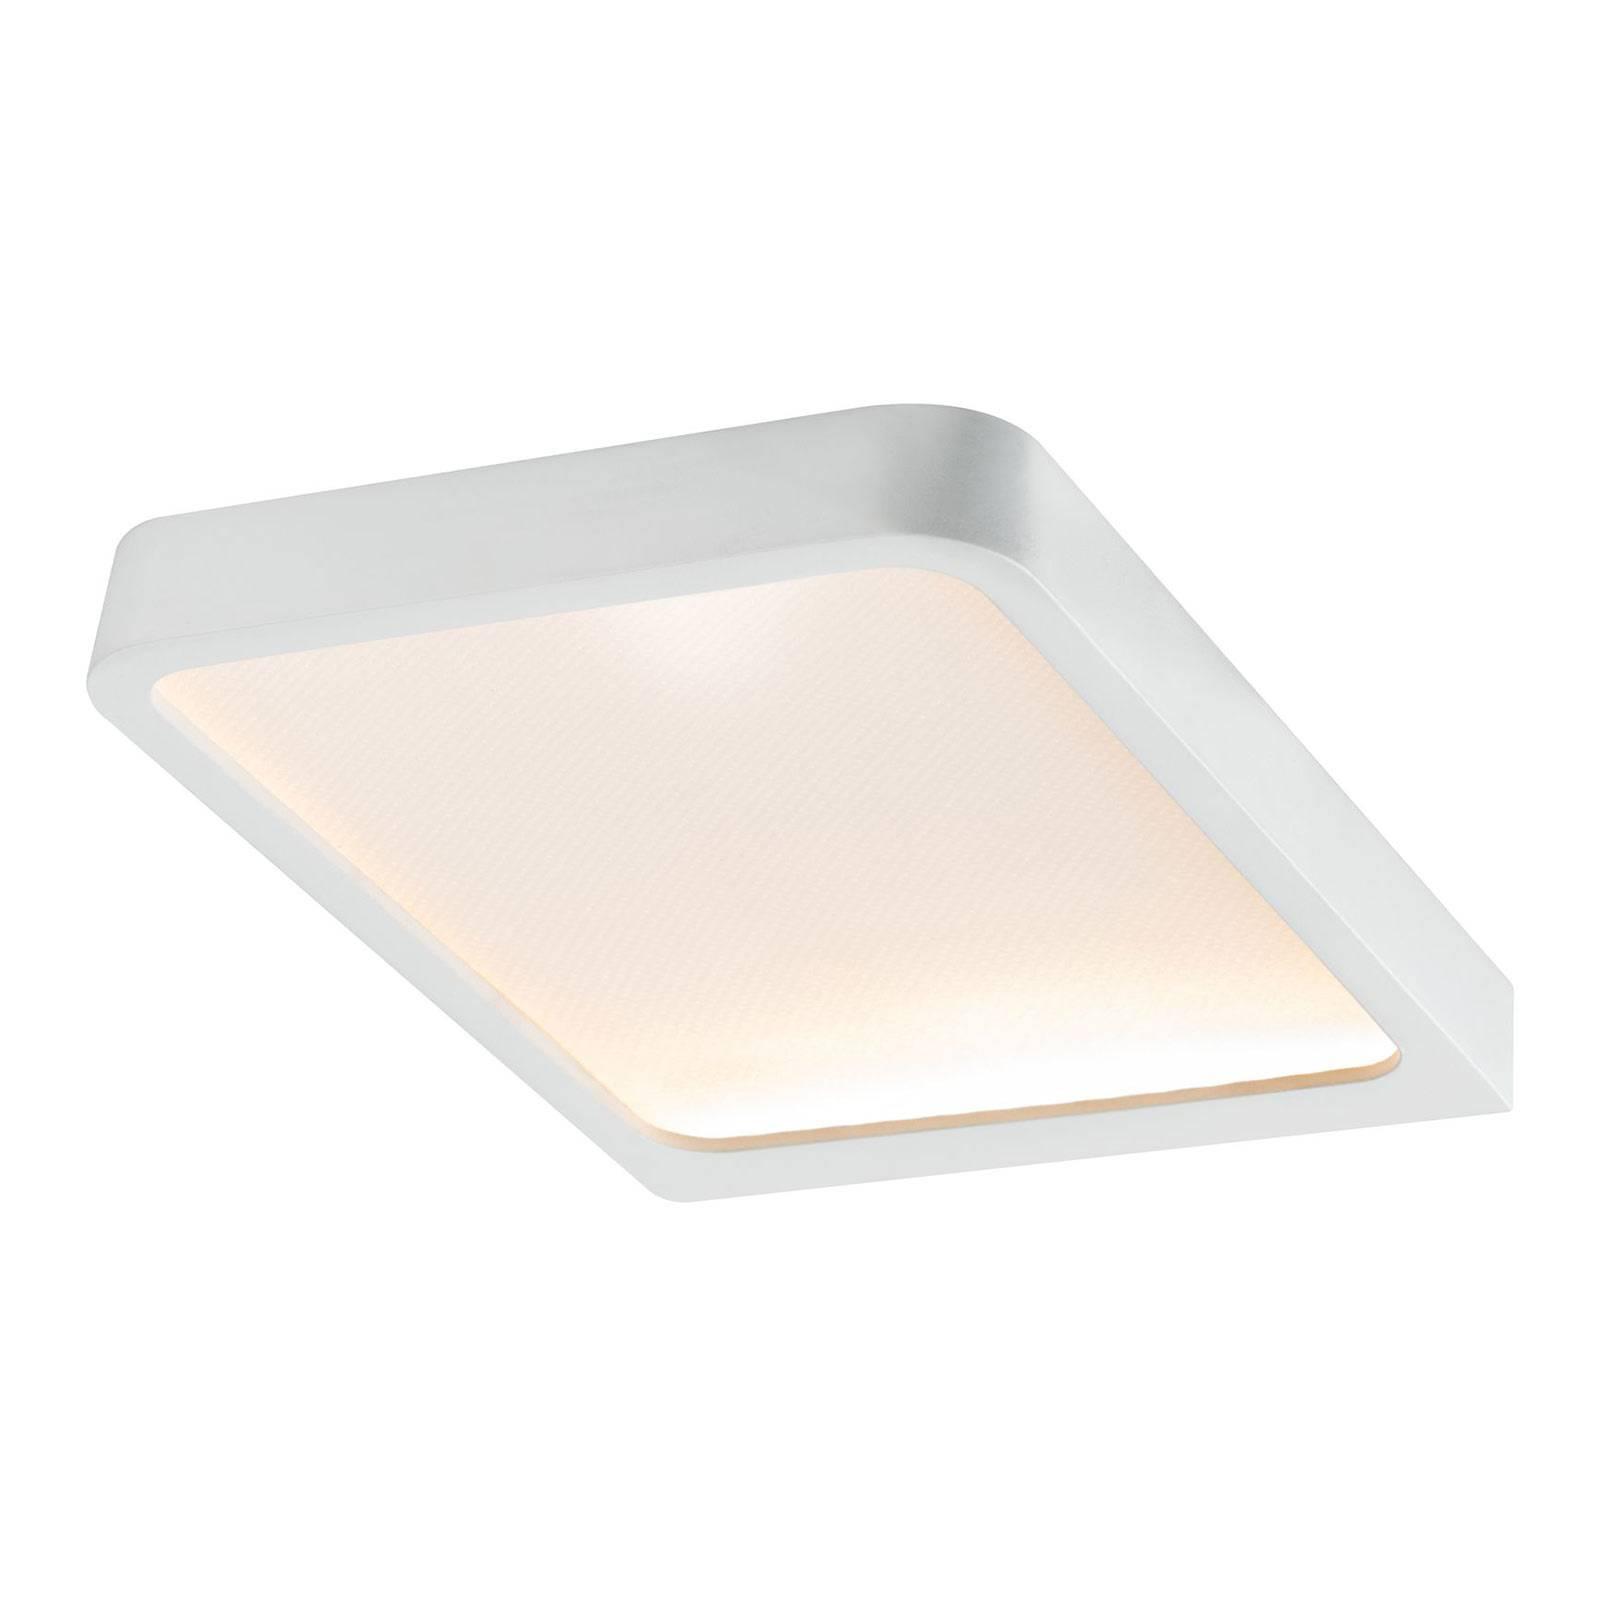 Paulmann Vane -LED-kaapinalusvalaisin 2 kpl